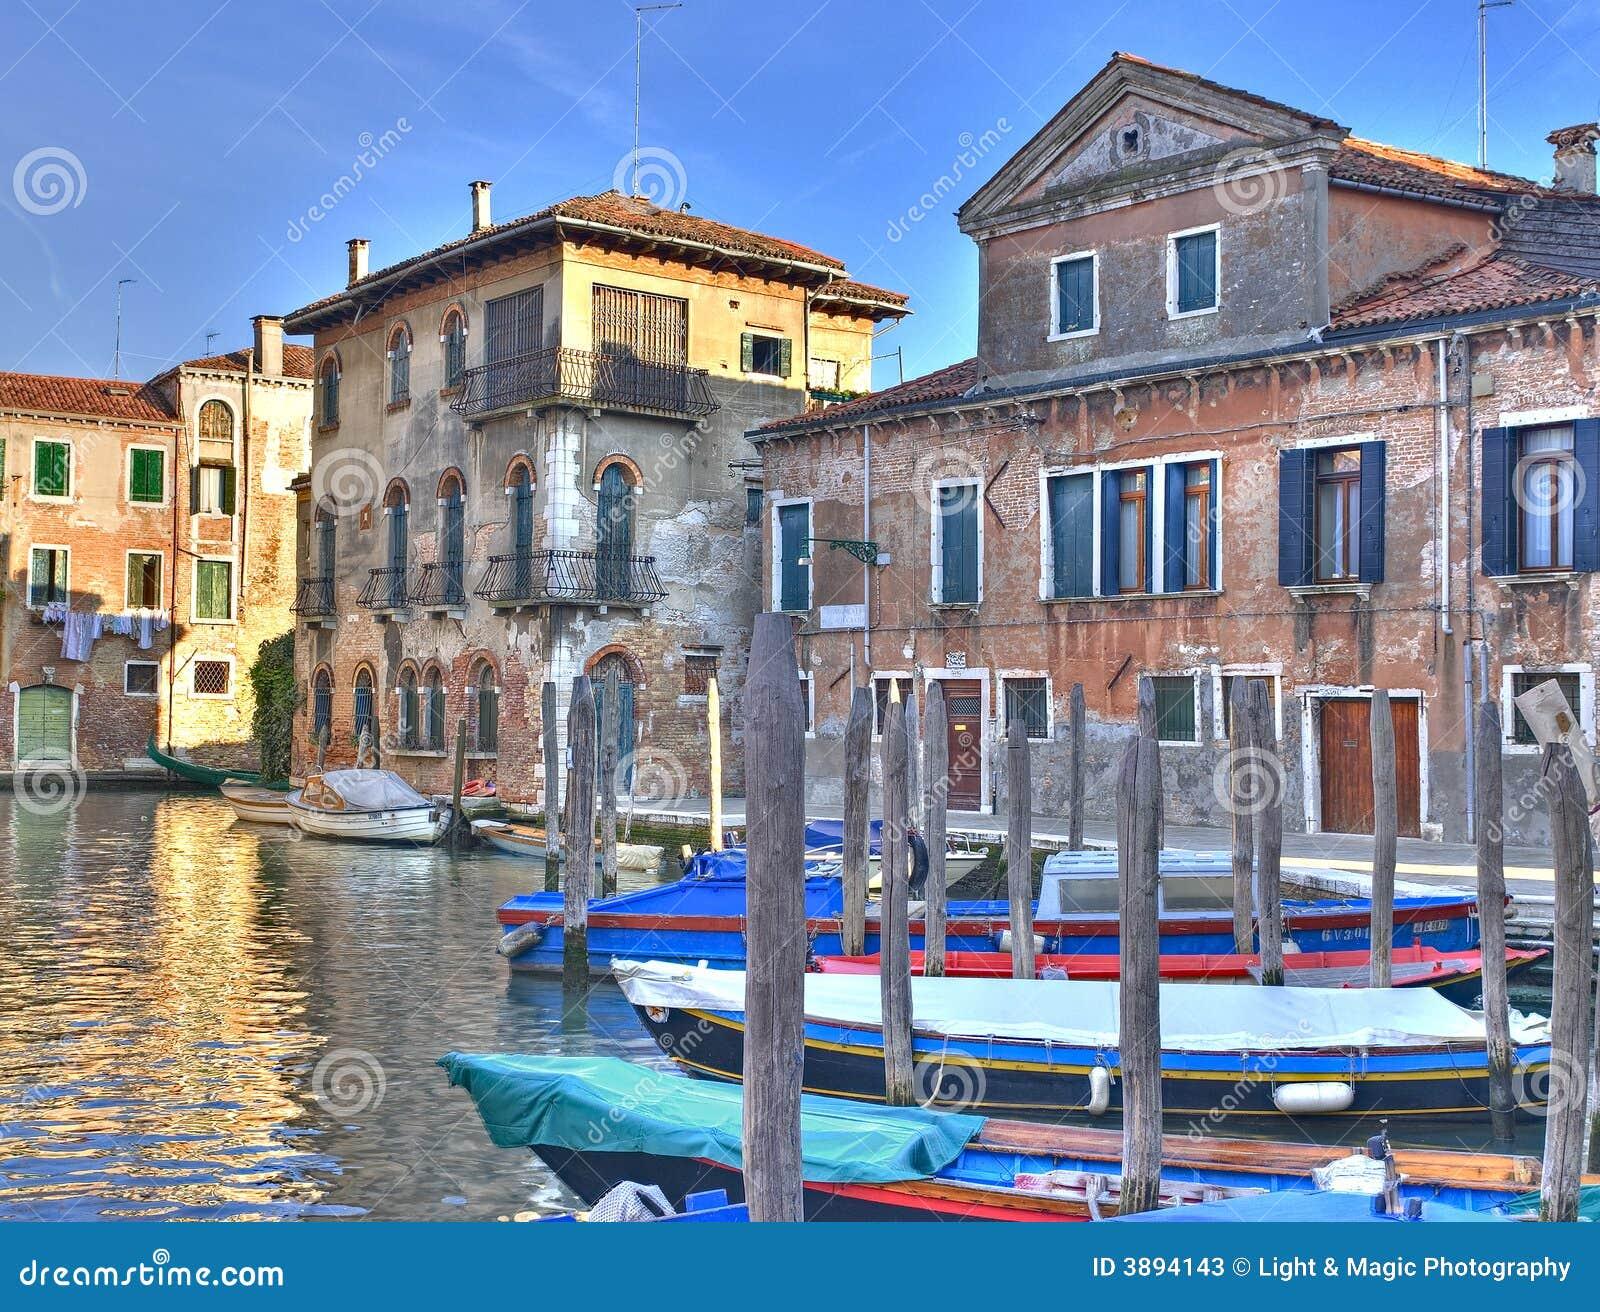 Canale di venezia con le case in modo bello colorate for Fotografie di case